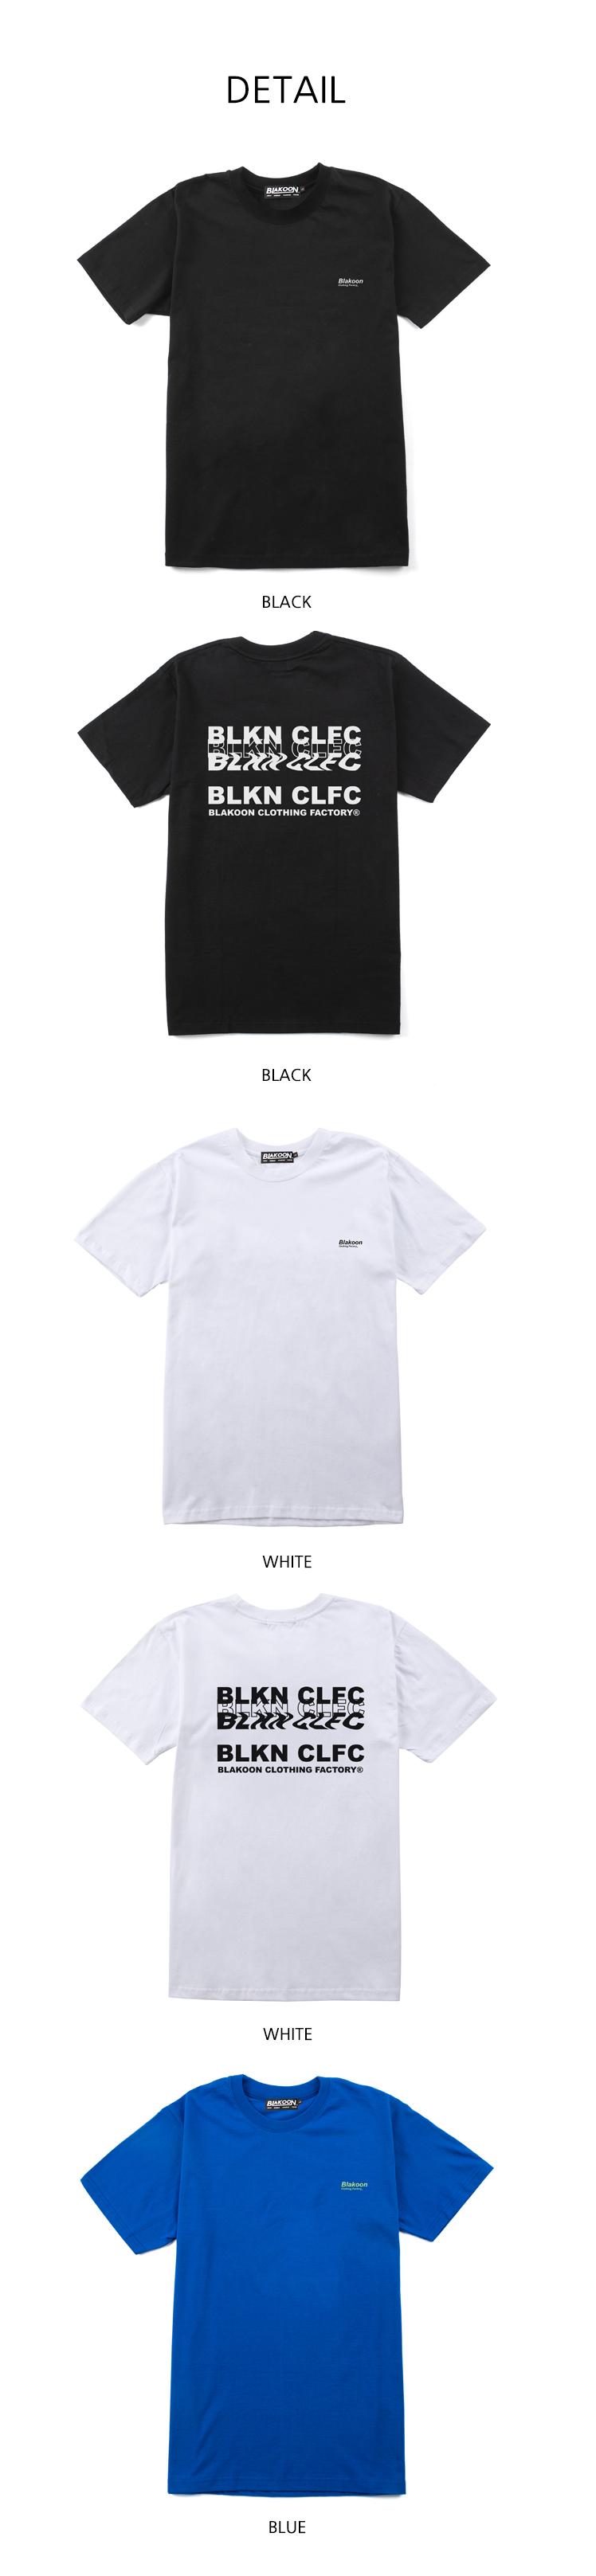 웨이빙-로고-티셔츠_1_06.jpg